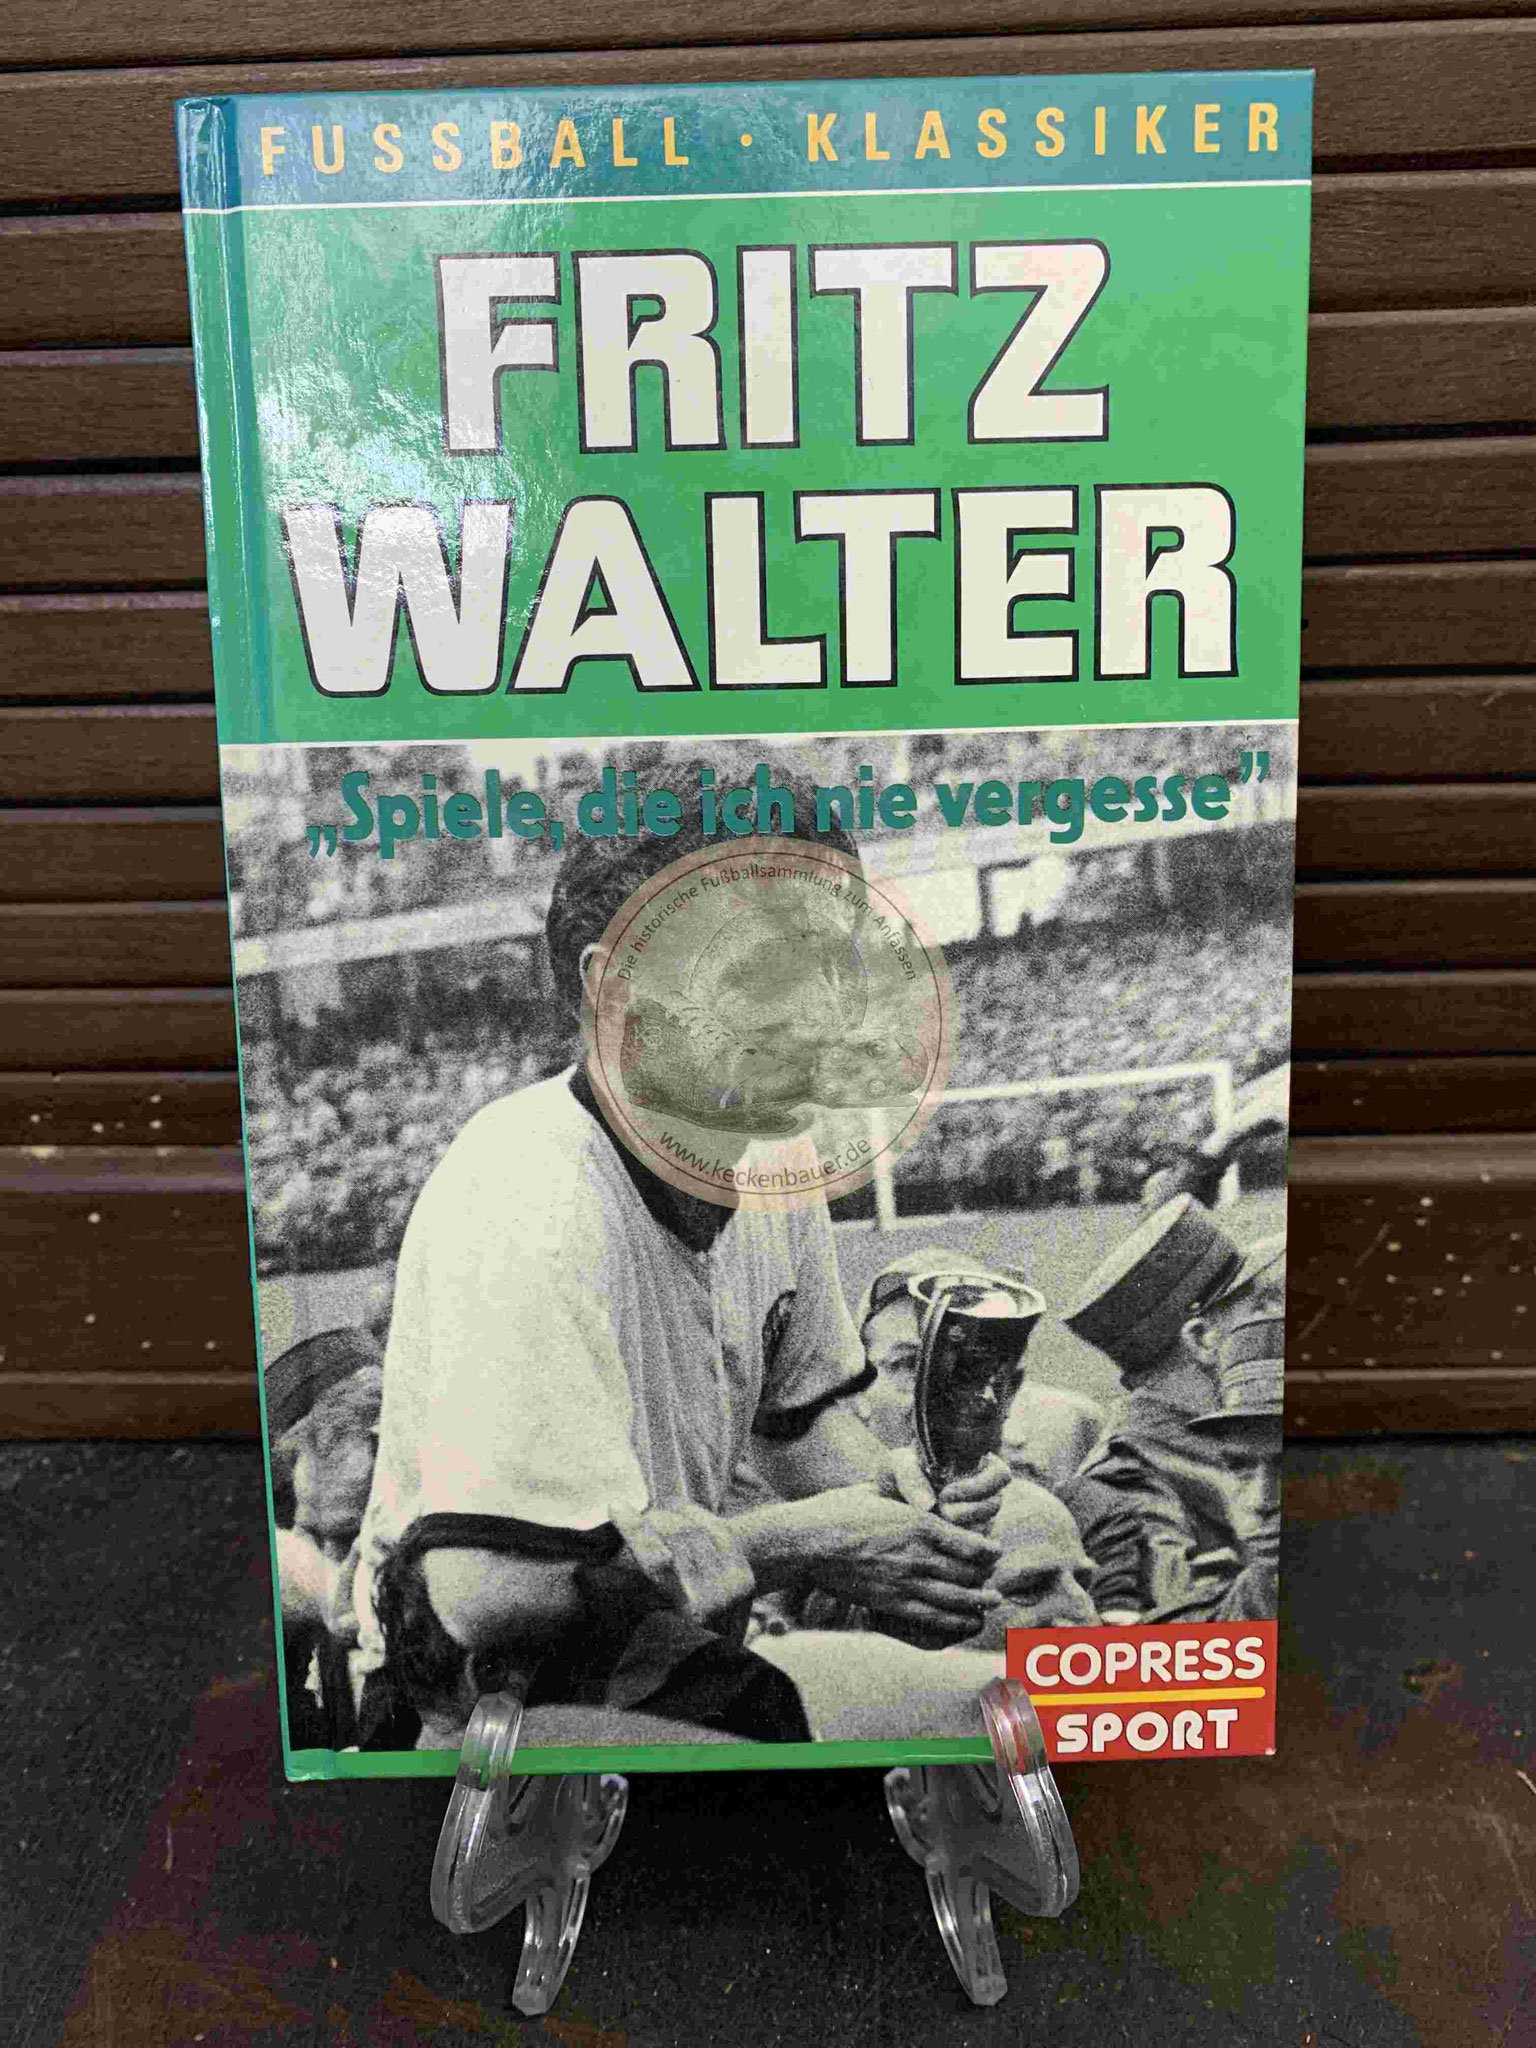 Fritz Walter Spiele die ich nie vergesse aus dem Jahr 1968, hier die Neuauflage 1991